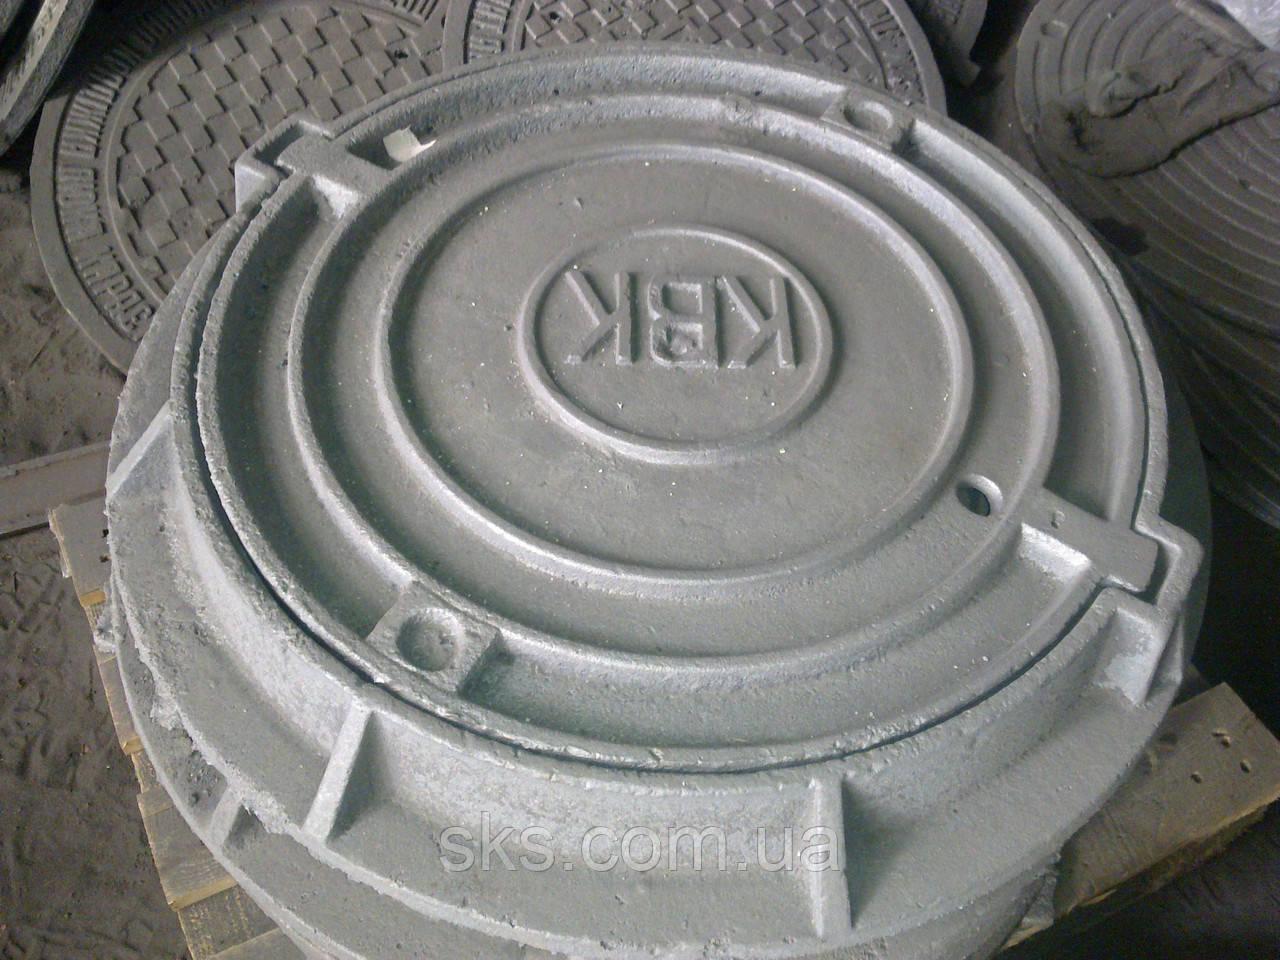 Люк канализационного колодца серии Л, комплект